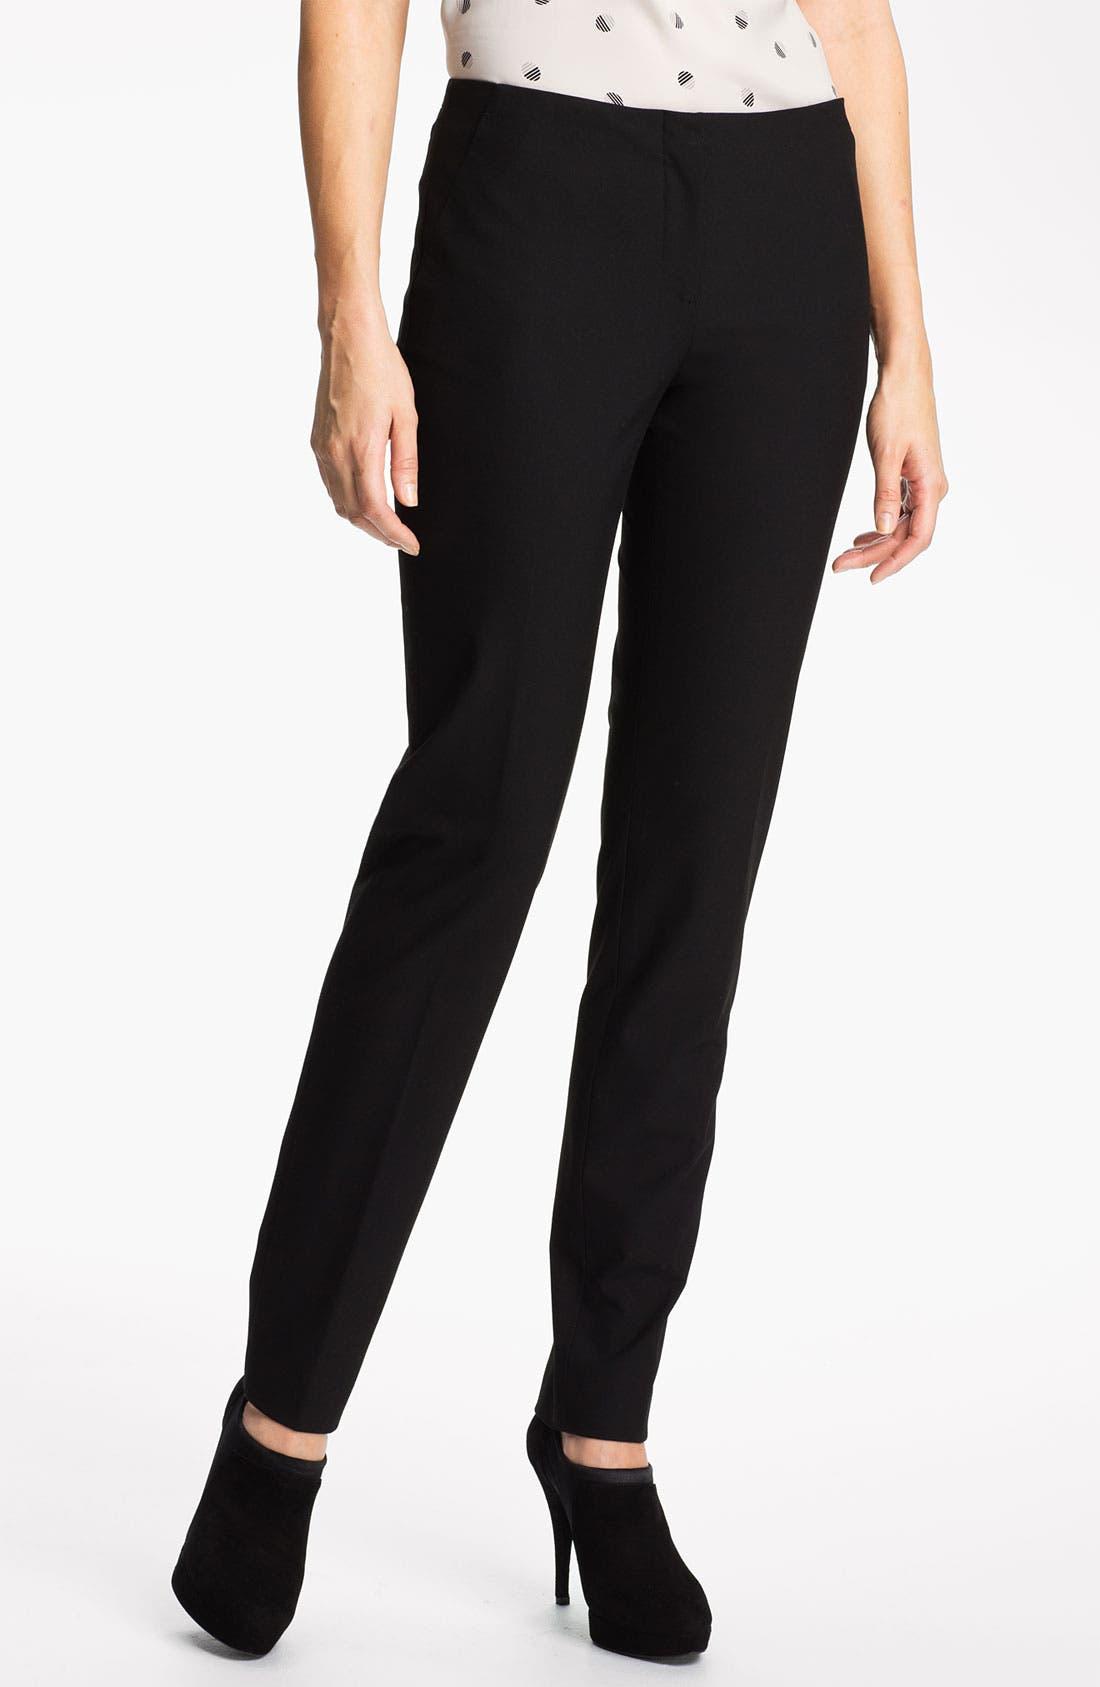 Alternate Image 1 Selected - Halogen® 'Ela Quinn' Skinny Pants (Petite)